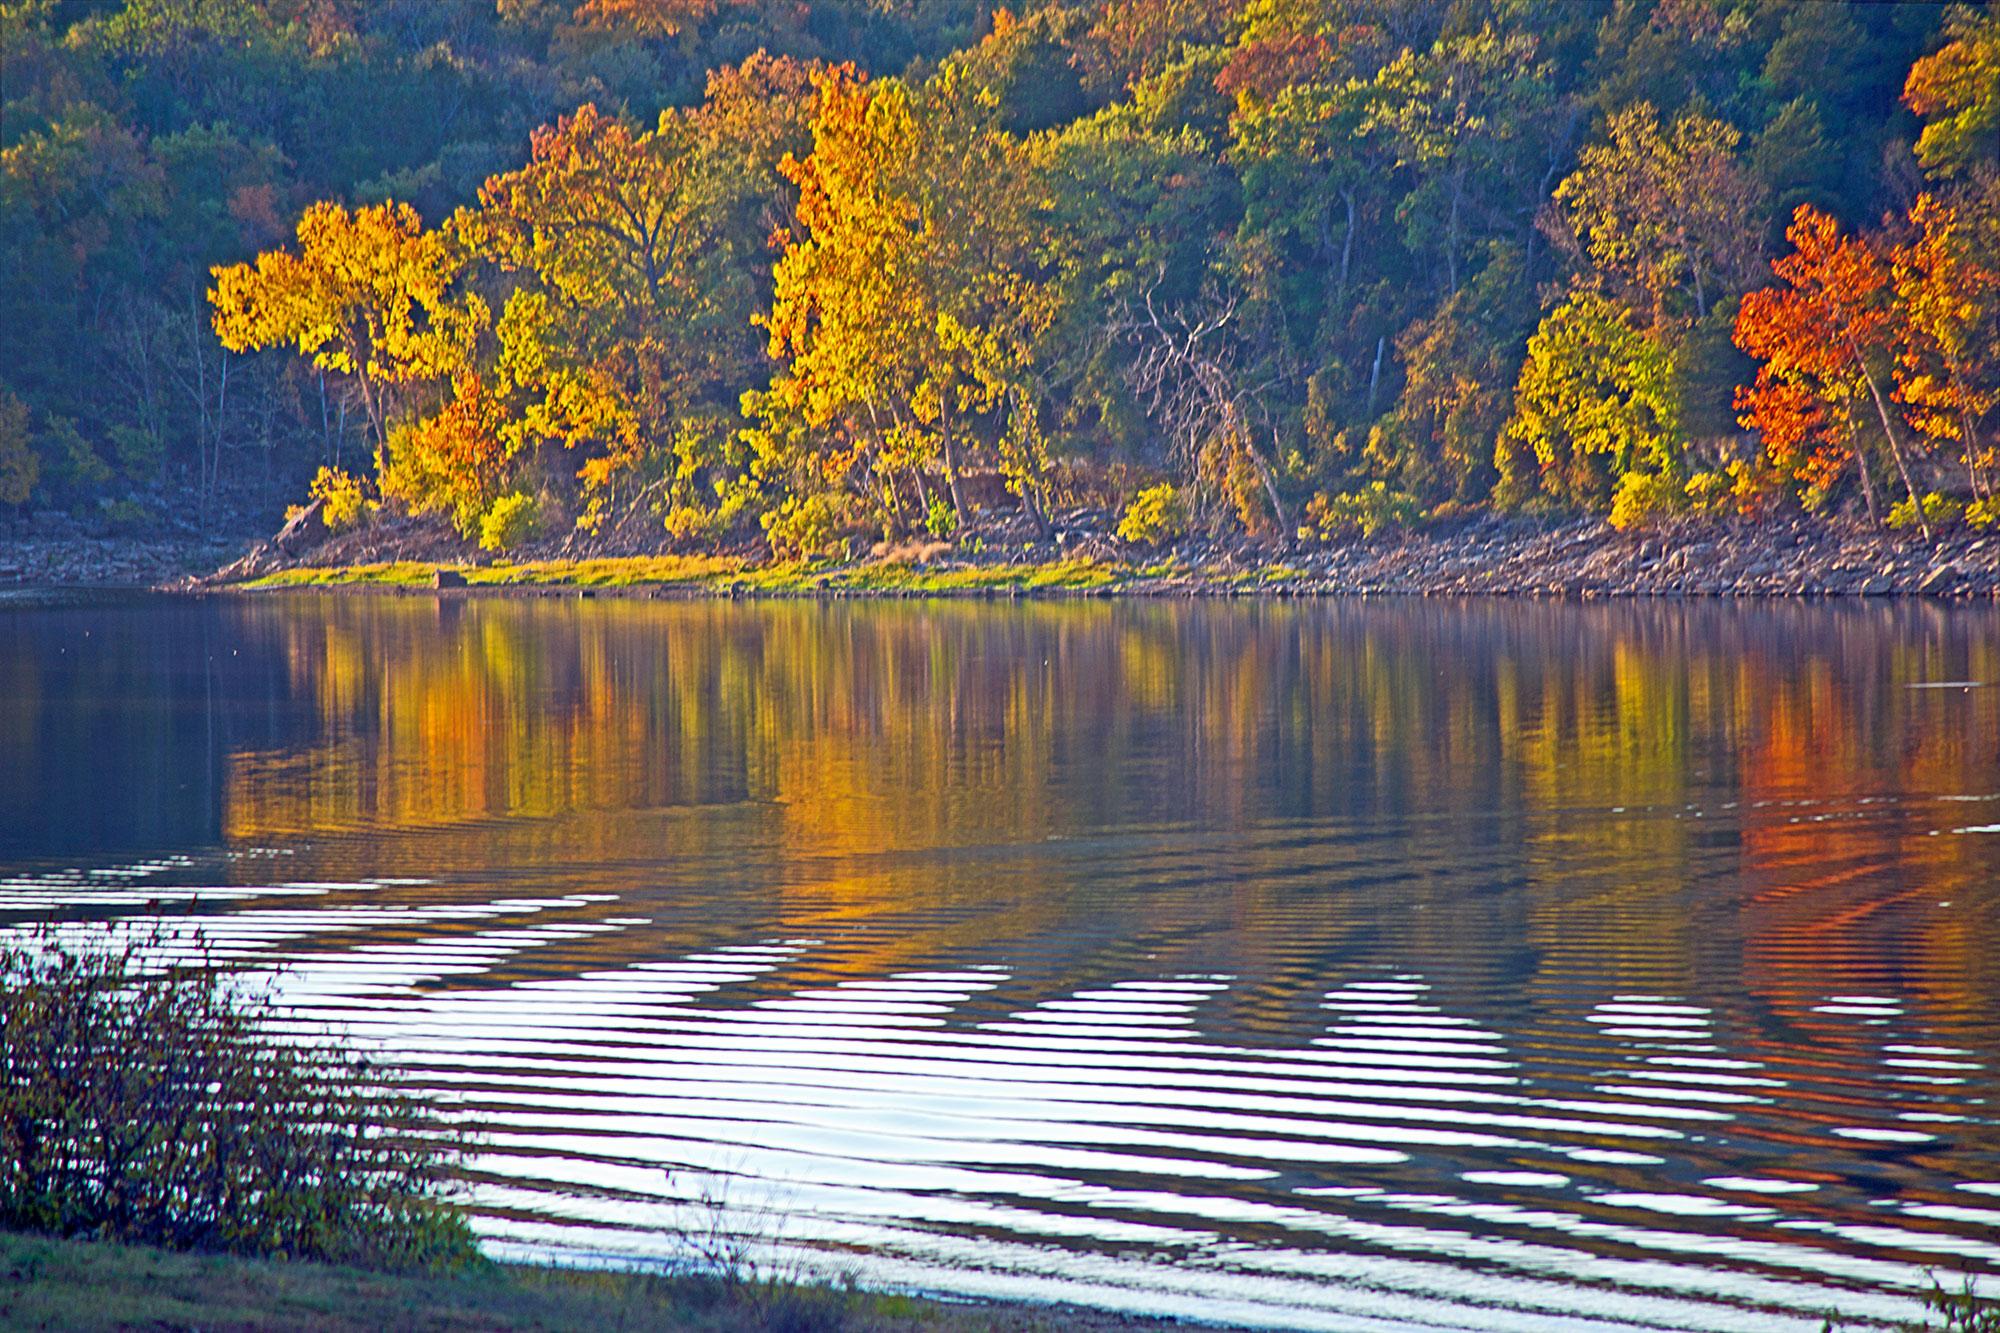 Ripples On Still Waters Fall Season.jpg